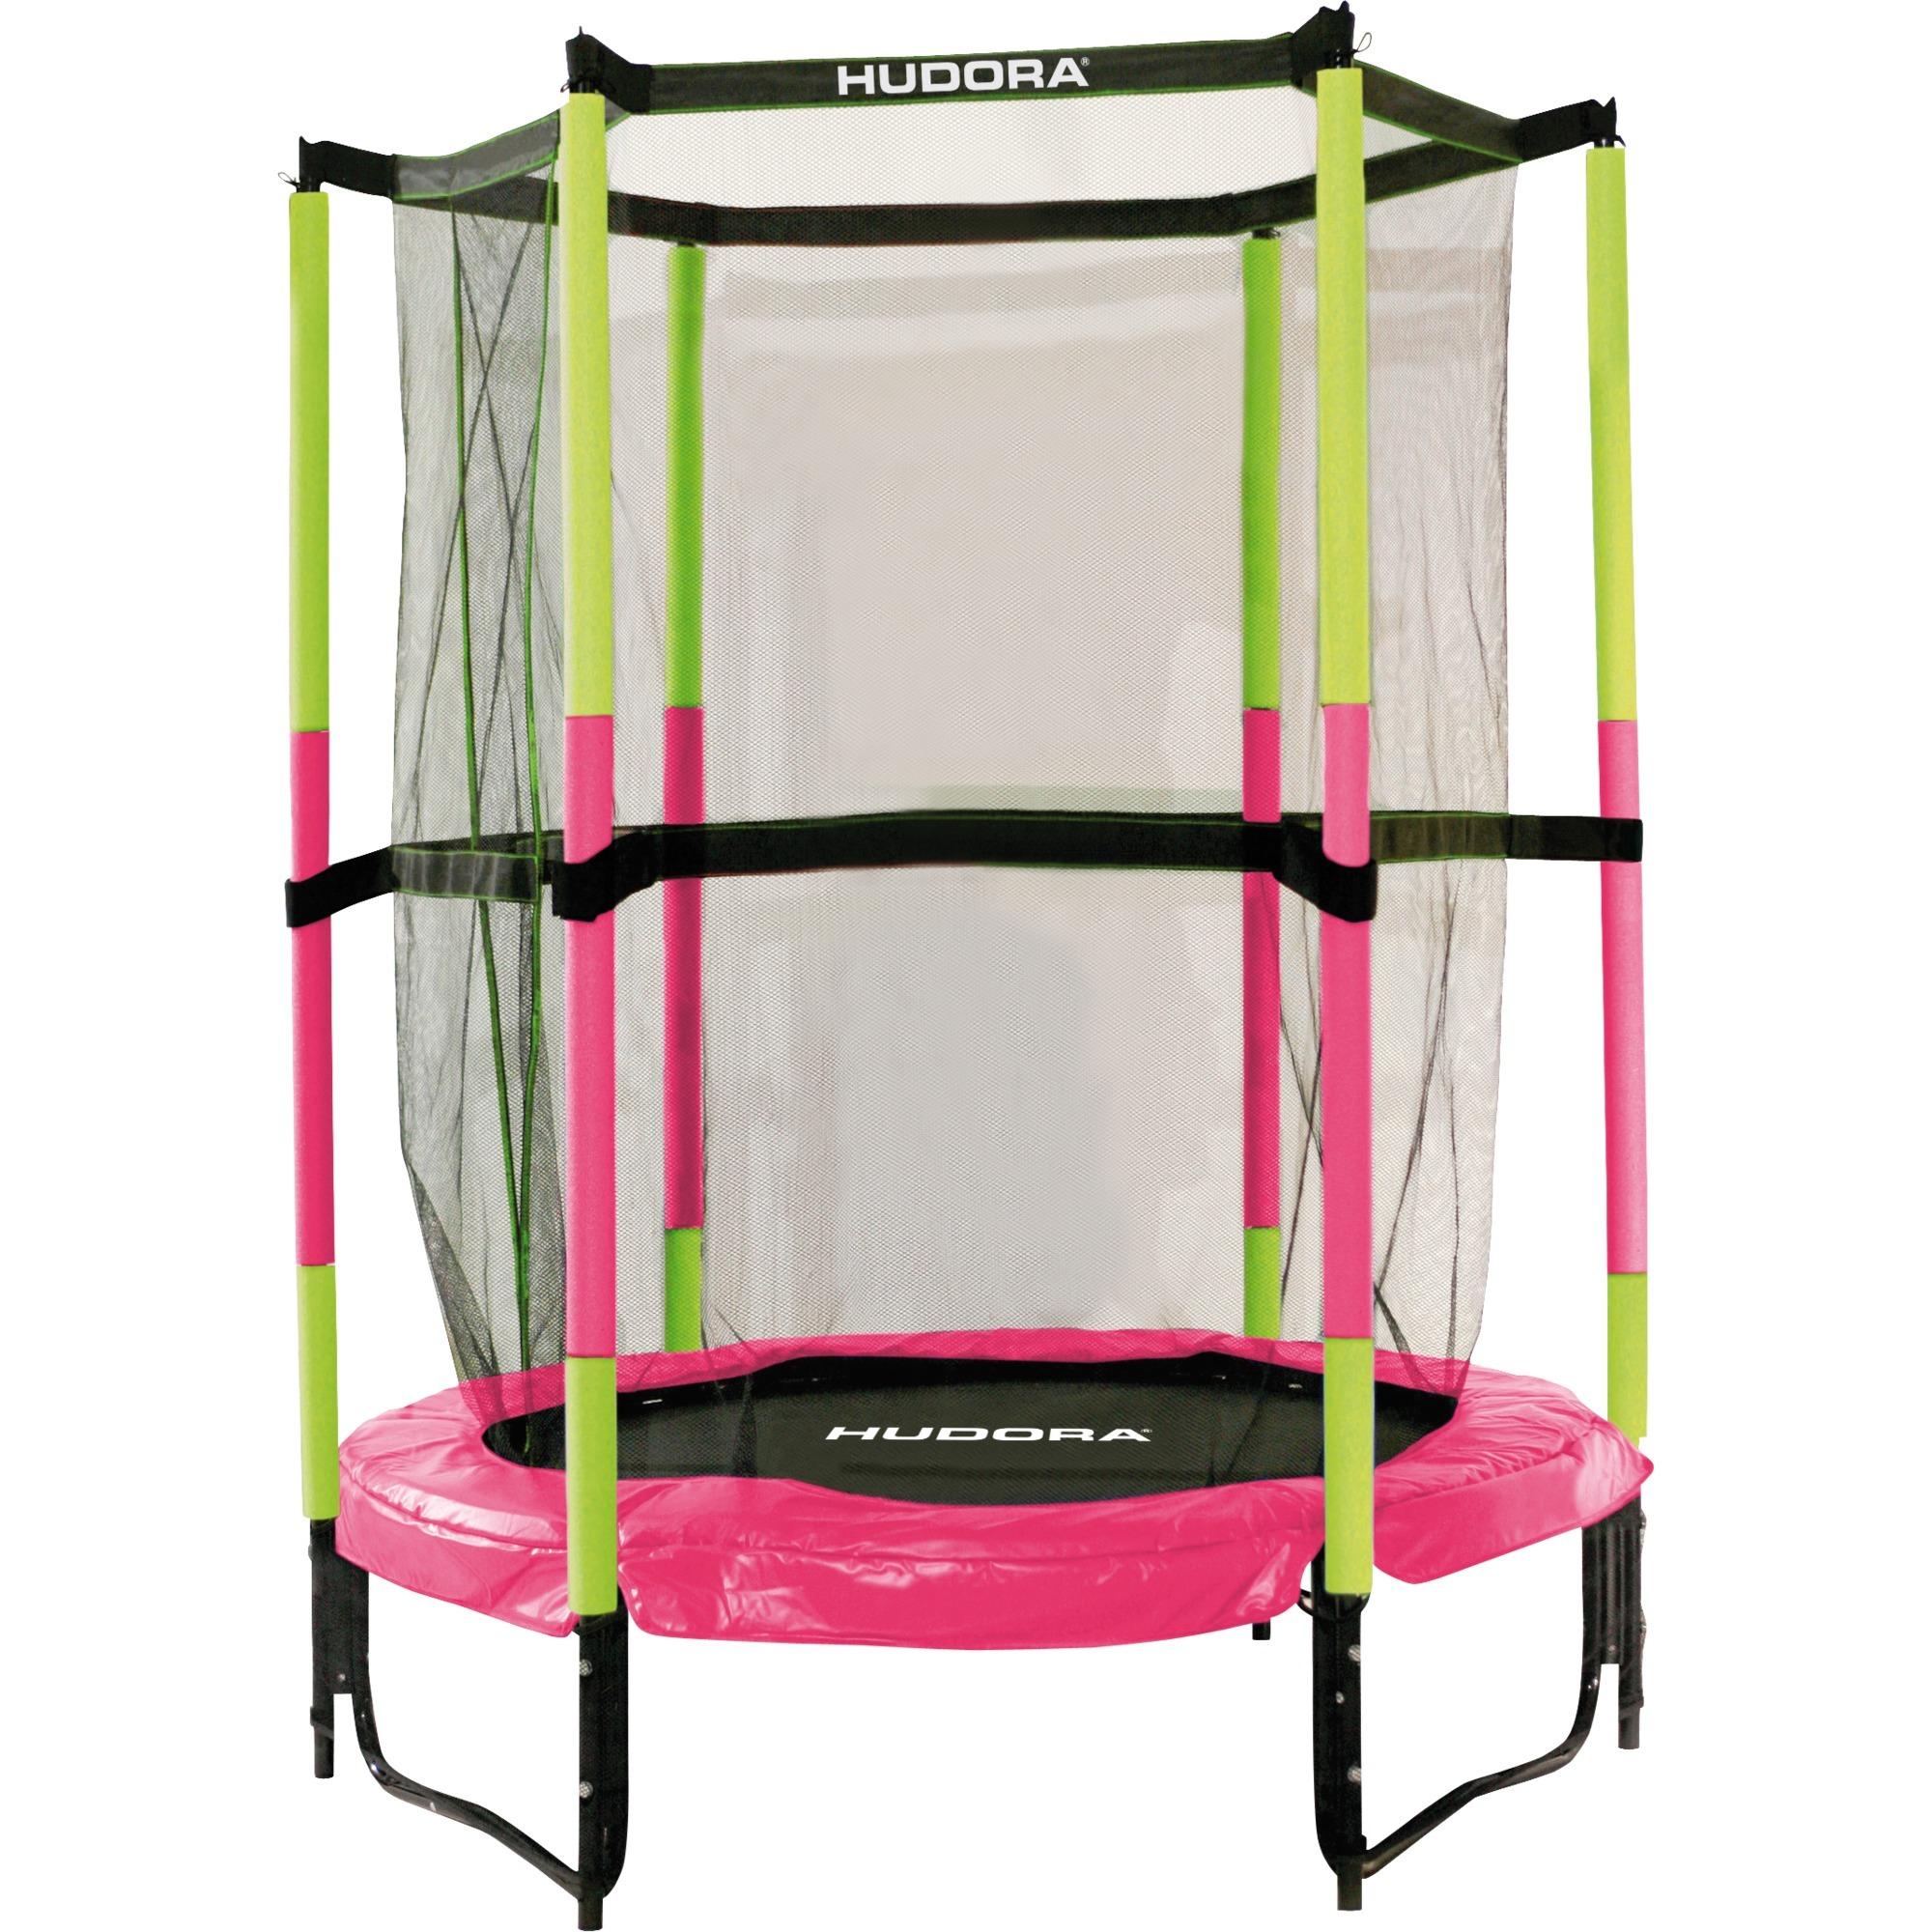 Le trampoline Joey Jump 3.0, Appareil de fitness